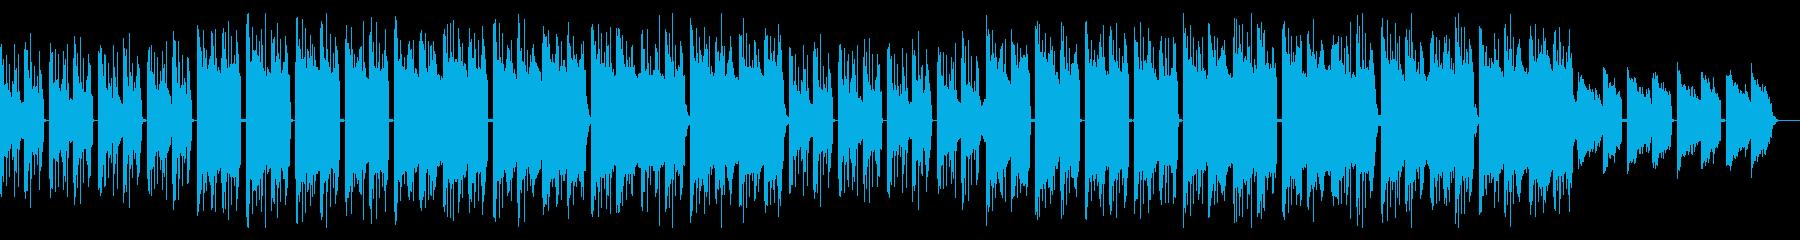 都会的なHiphop、シンプルBの再生済みの波形